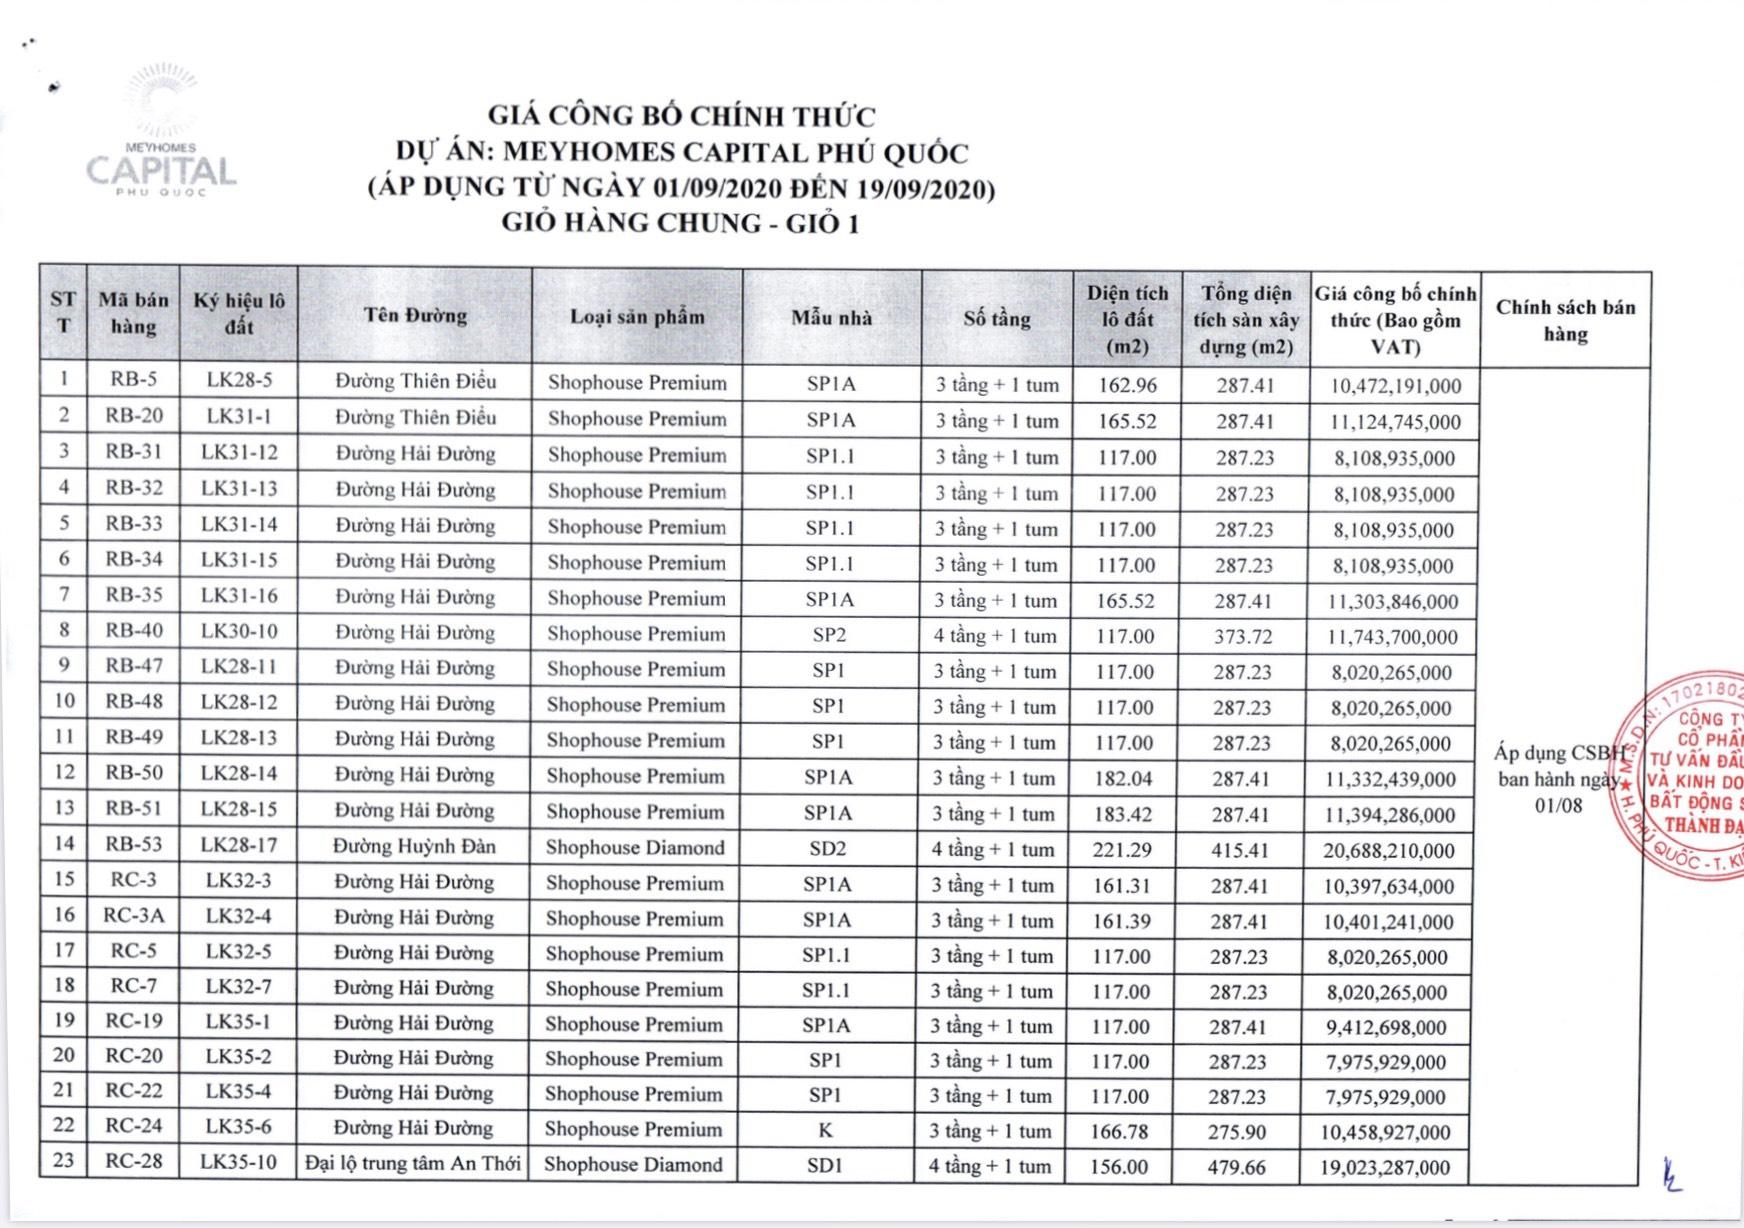 Giá bán và chính sách thanh toán của dự án Meyhomes Capital Phú Quốc